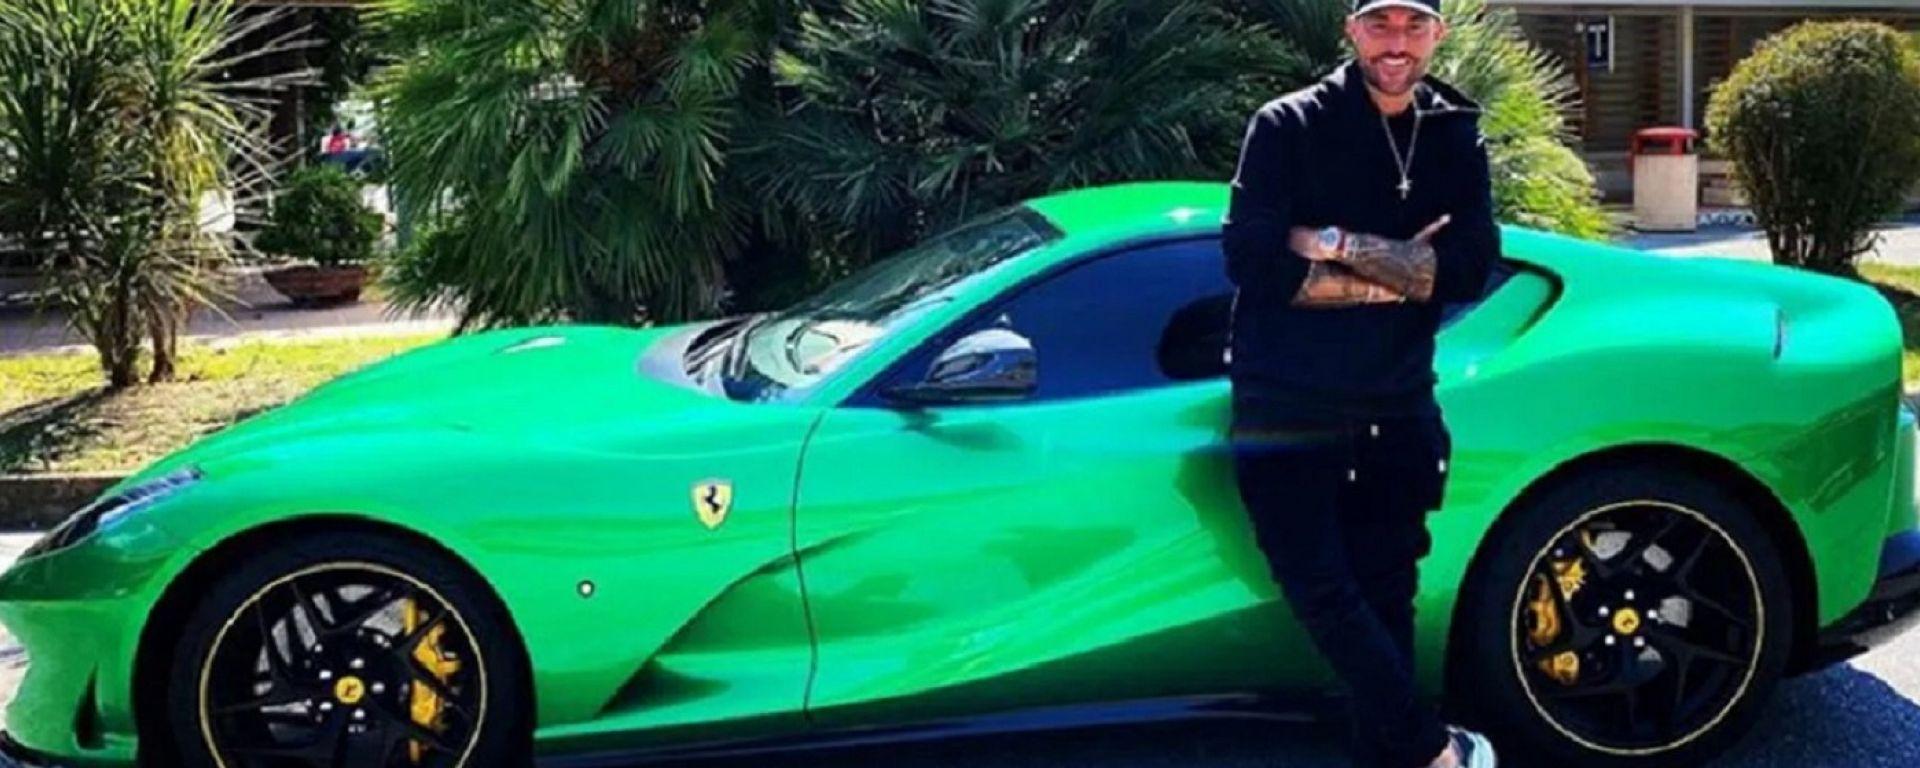 Philipp Plein, Ferrari vince la causa. Ma non è finita...